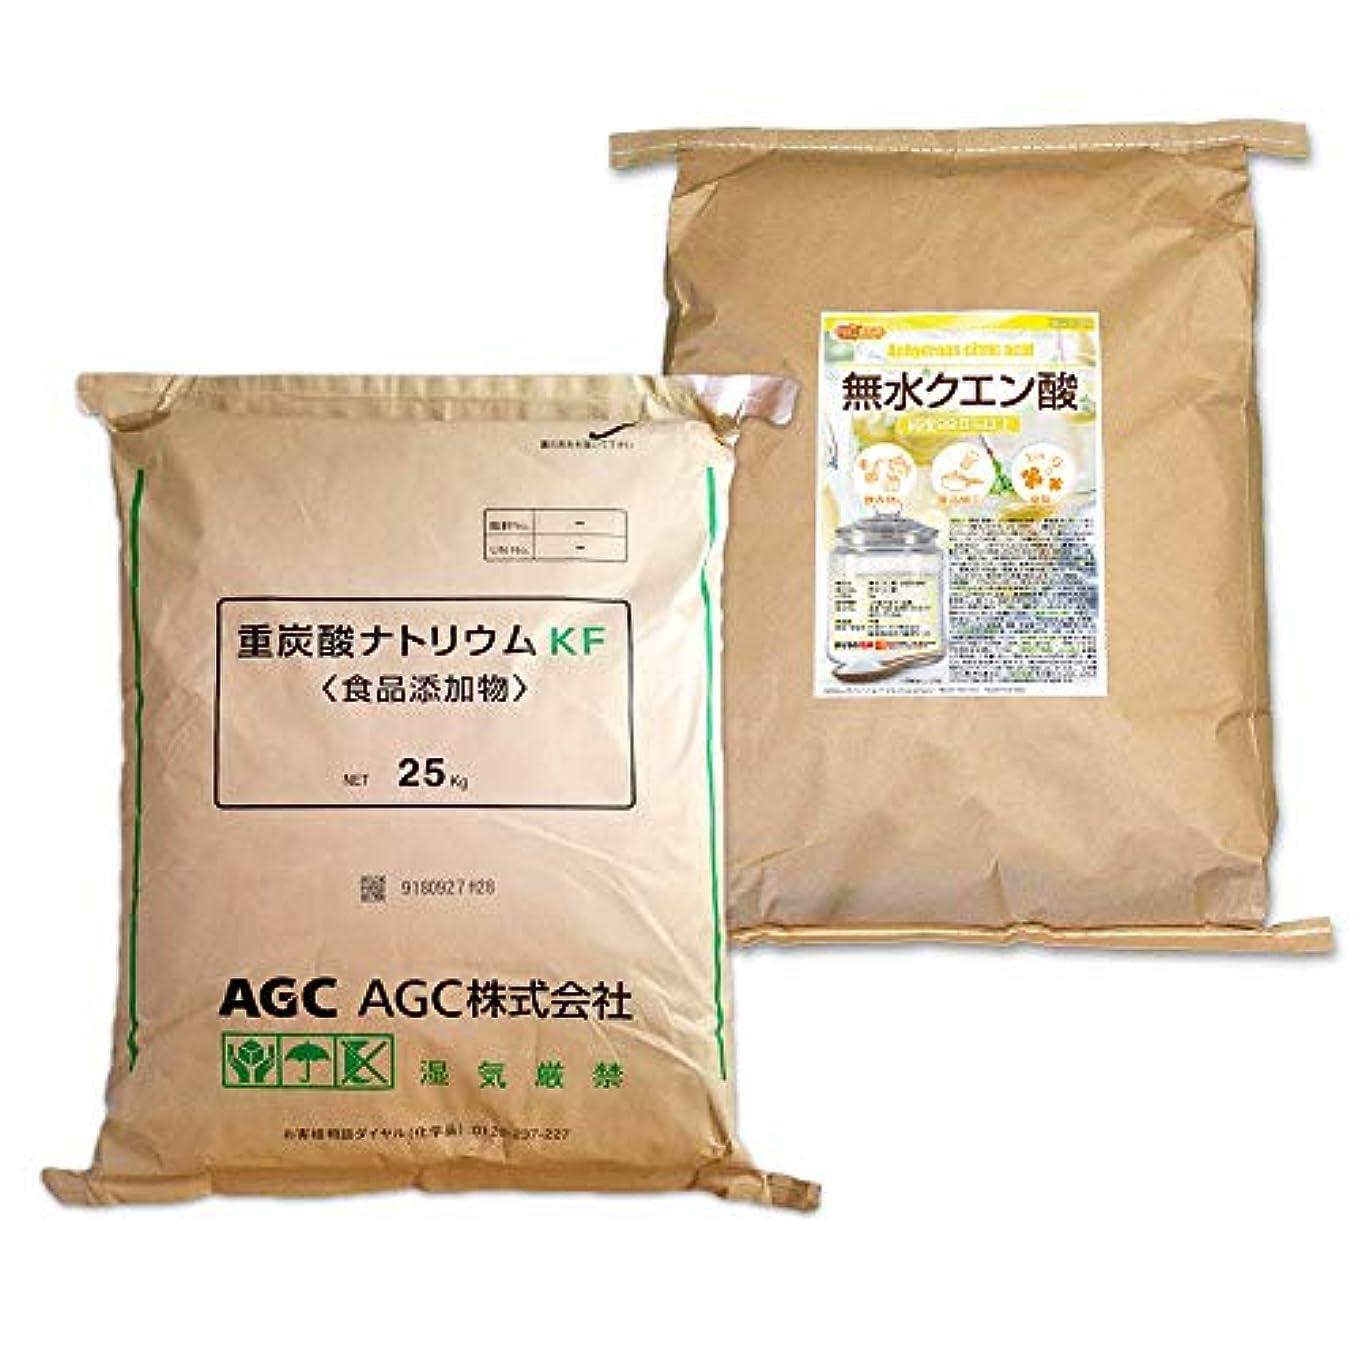 フォームマークダウン電圧AGC製 重曹 25kg + 無水 クエン酸 25kg セット [02] 【同梱不可】NICHIGA(ニチガ)